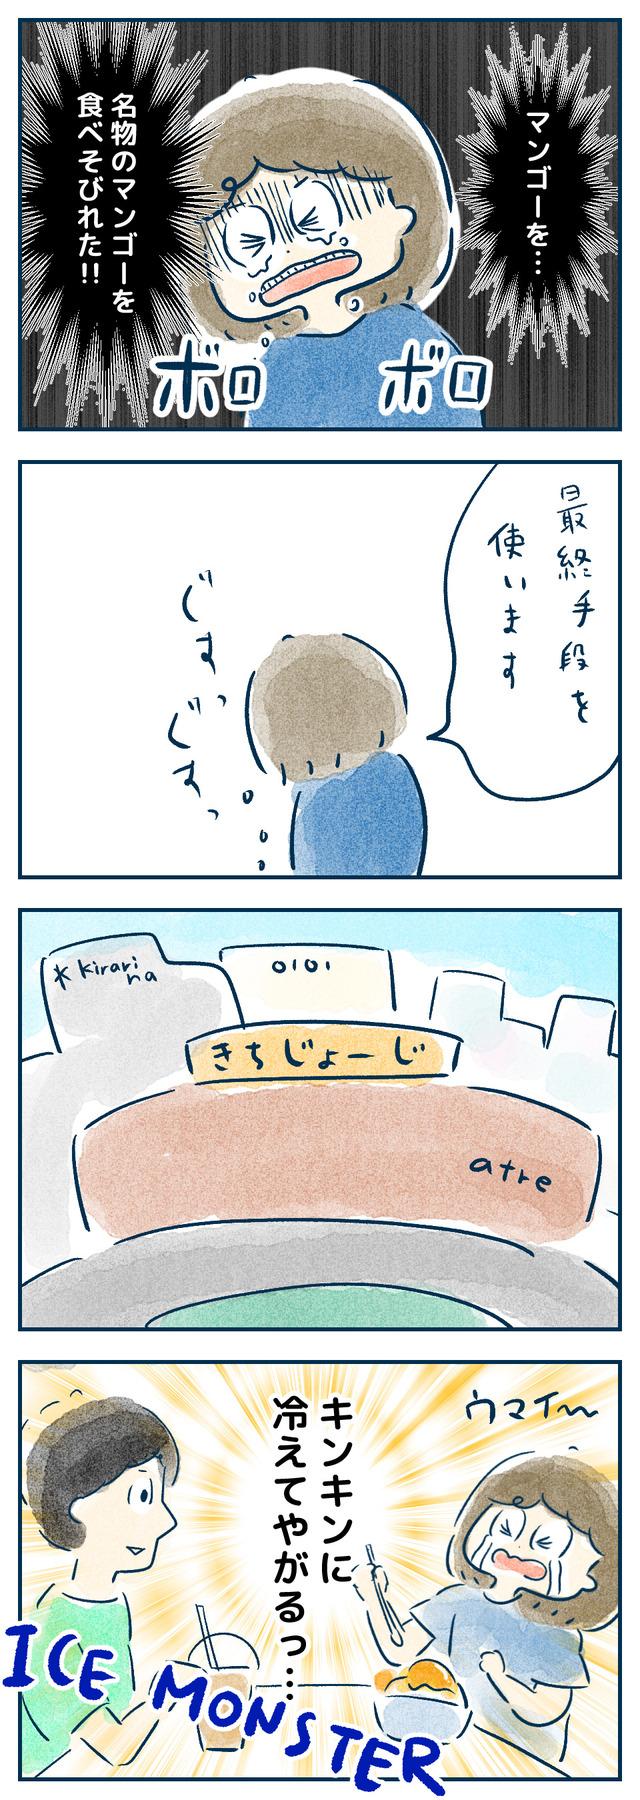 taiwanomake2